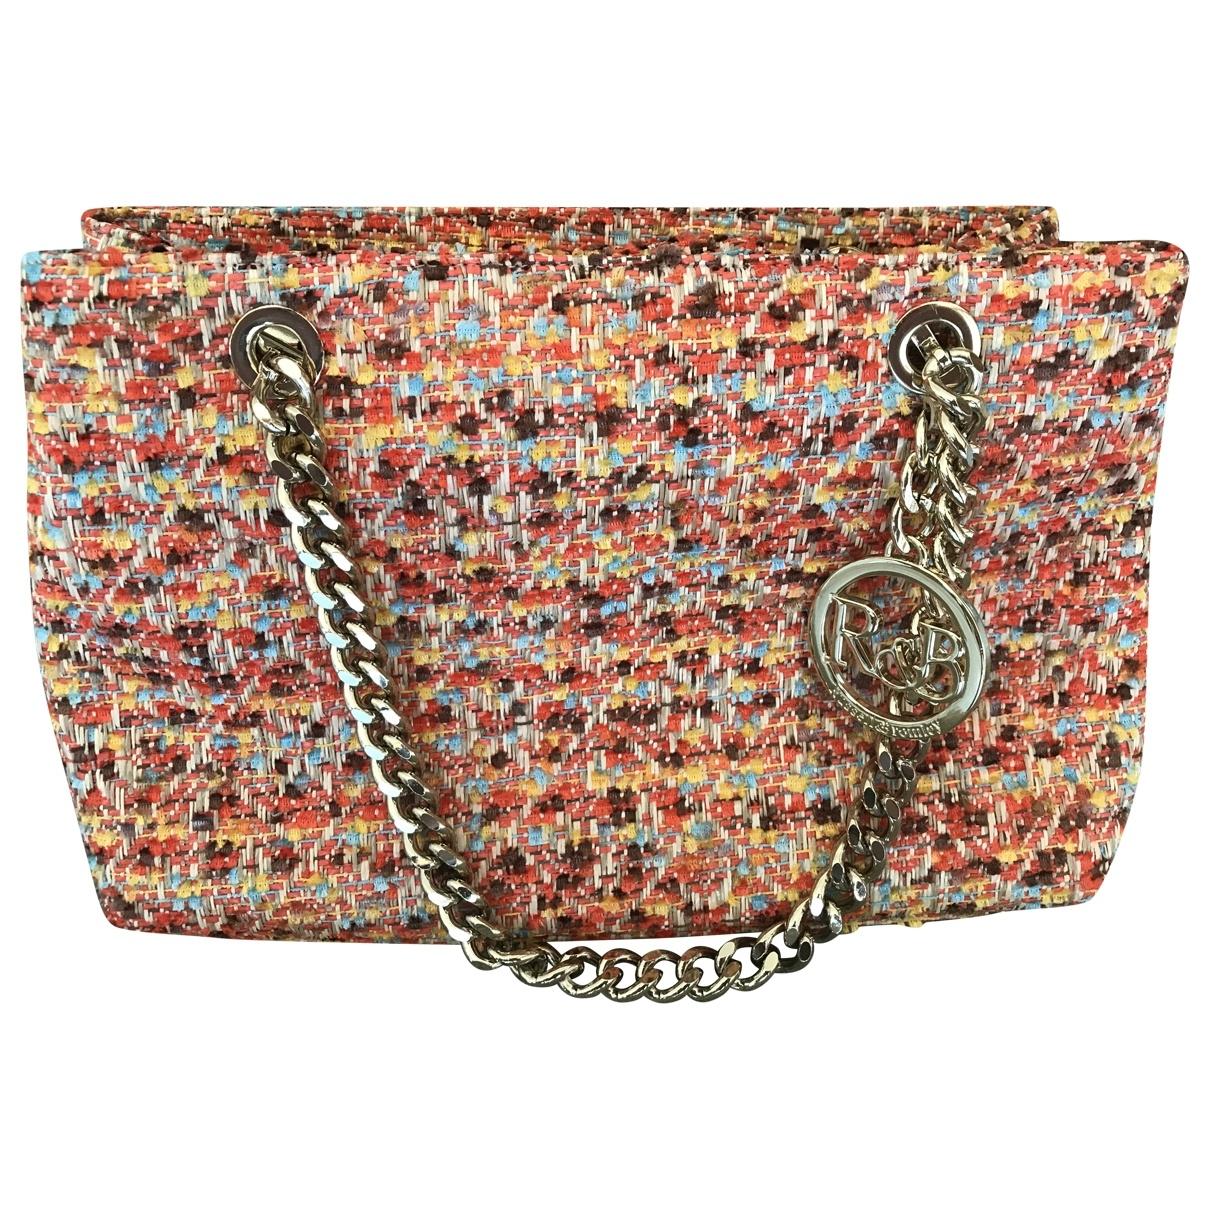 Russell & Bromley \N Multicolour Tweed handbag for Women \N